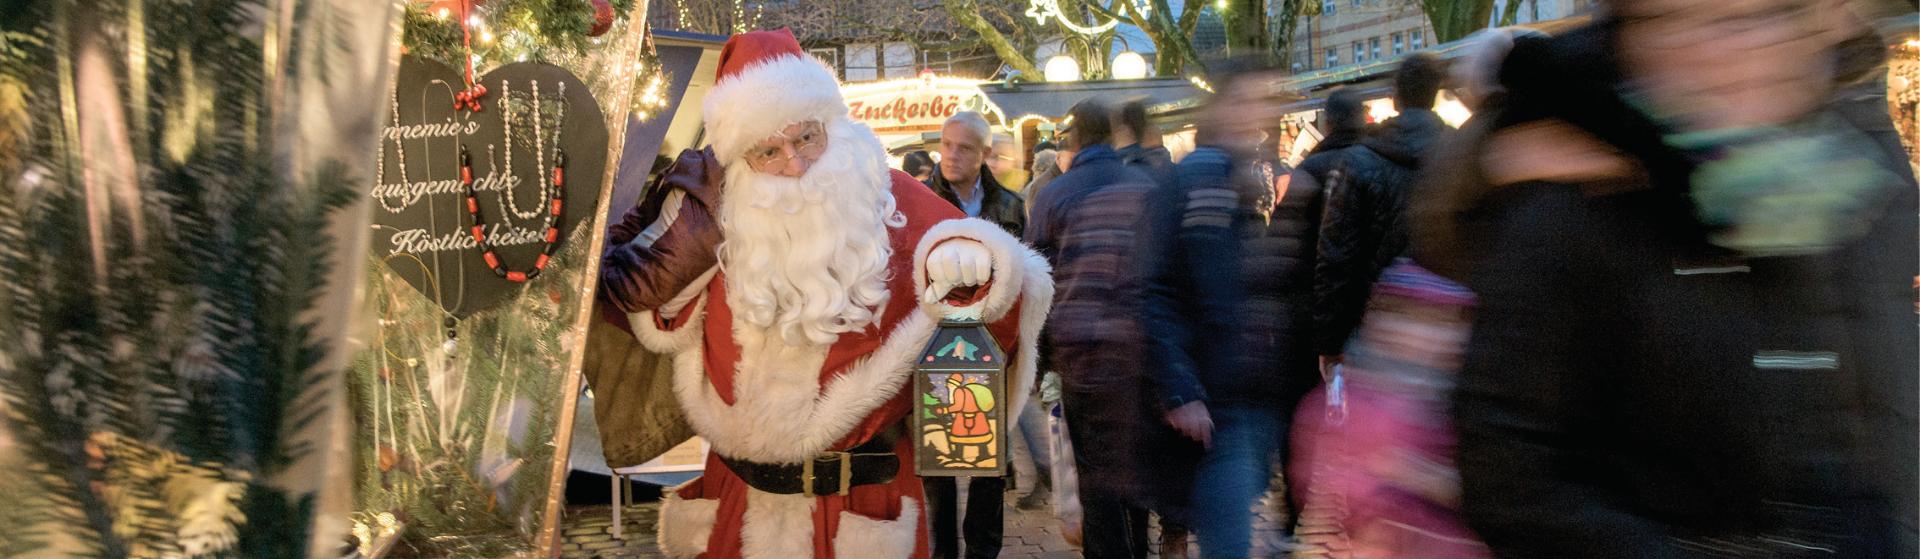 Wie Lange Hat Der Weihnachtsmarkt Auf.Weihnachtsmarkt Eckernförder Bucht